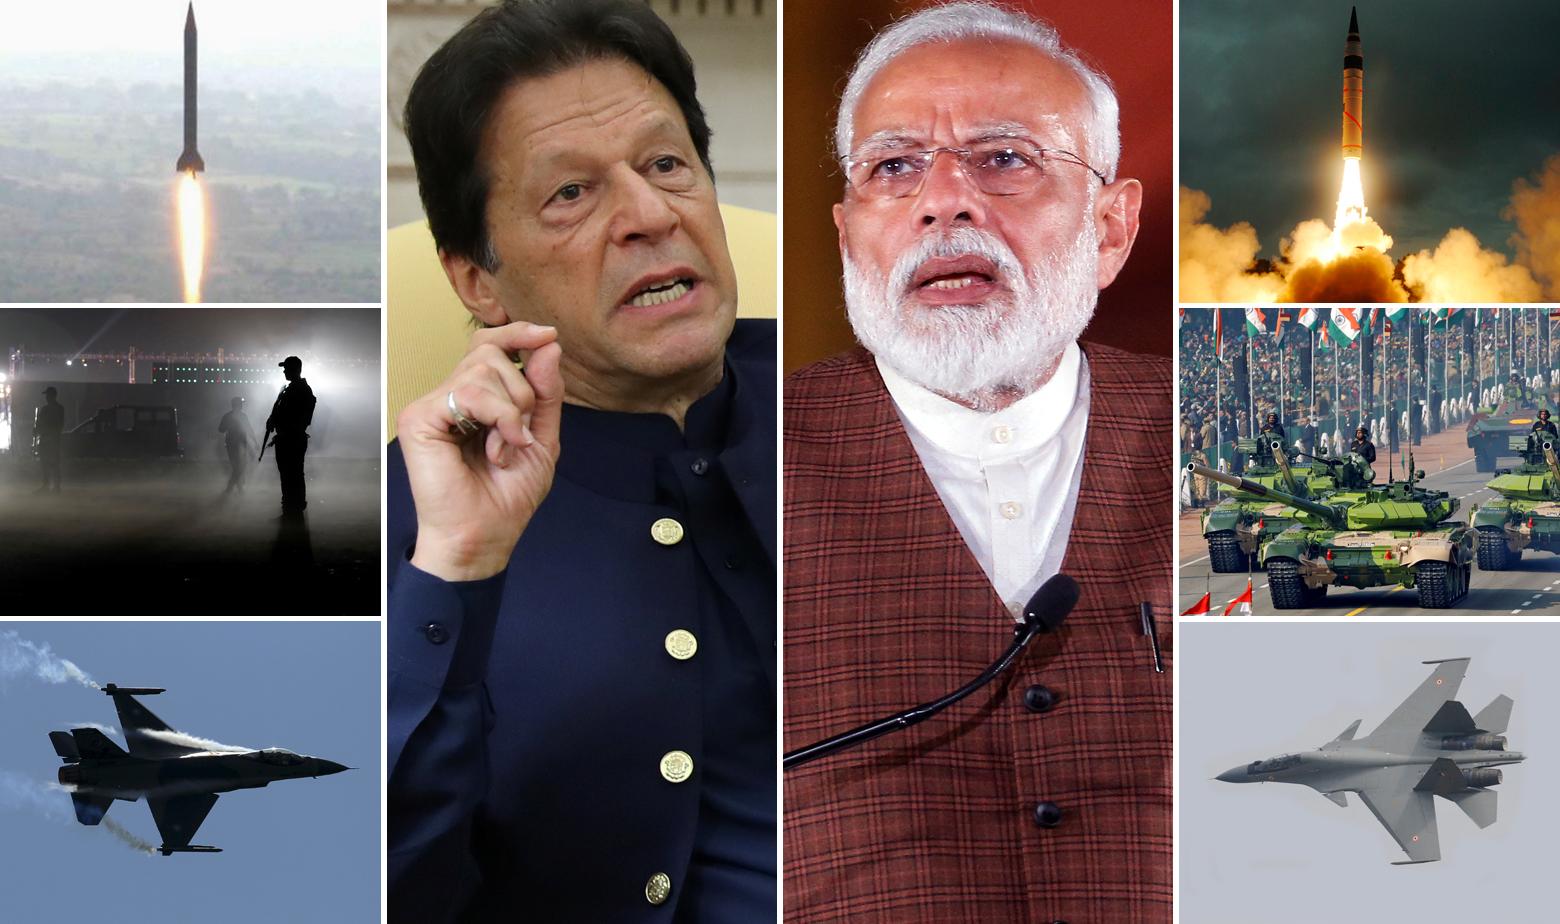 Imran Khan (L) i Narendra Modi (D) i oružje kojim raspolažu Pakistan i Indija, uključujući balističke nuklearne projektile